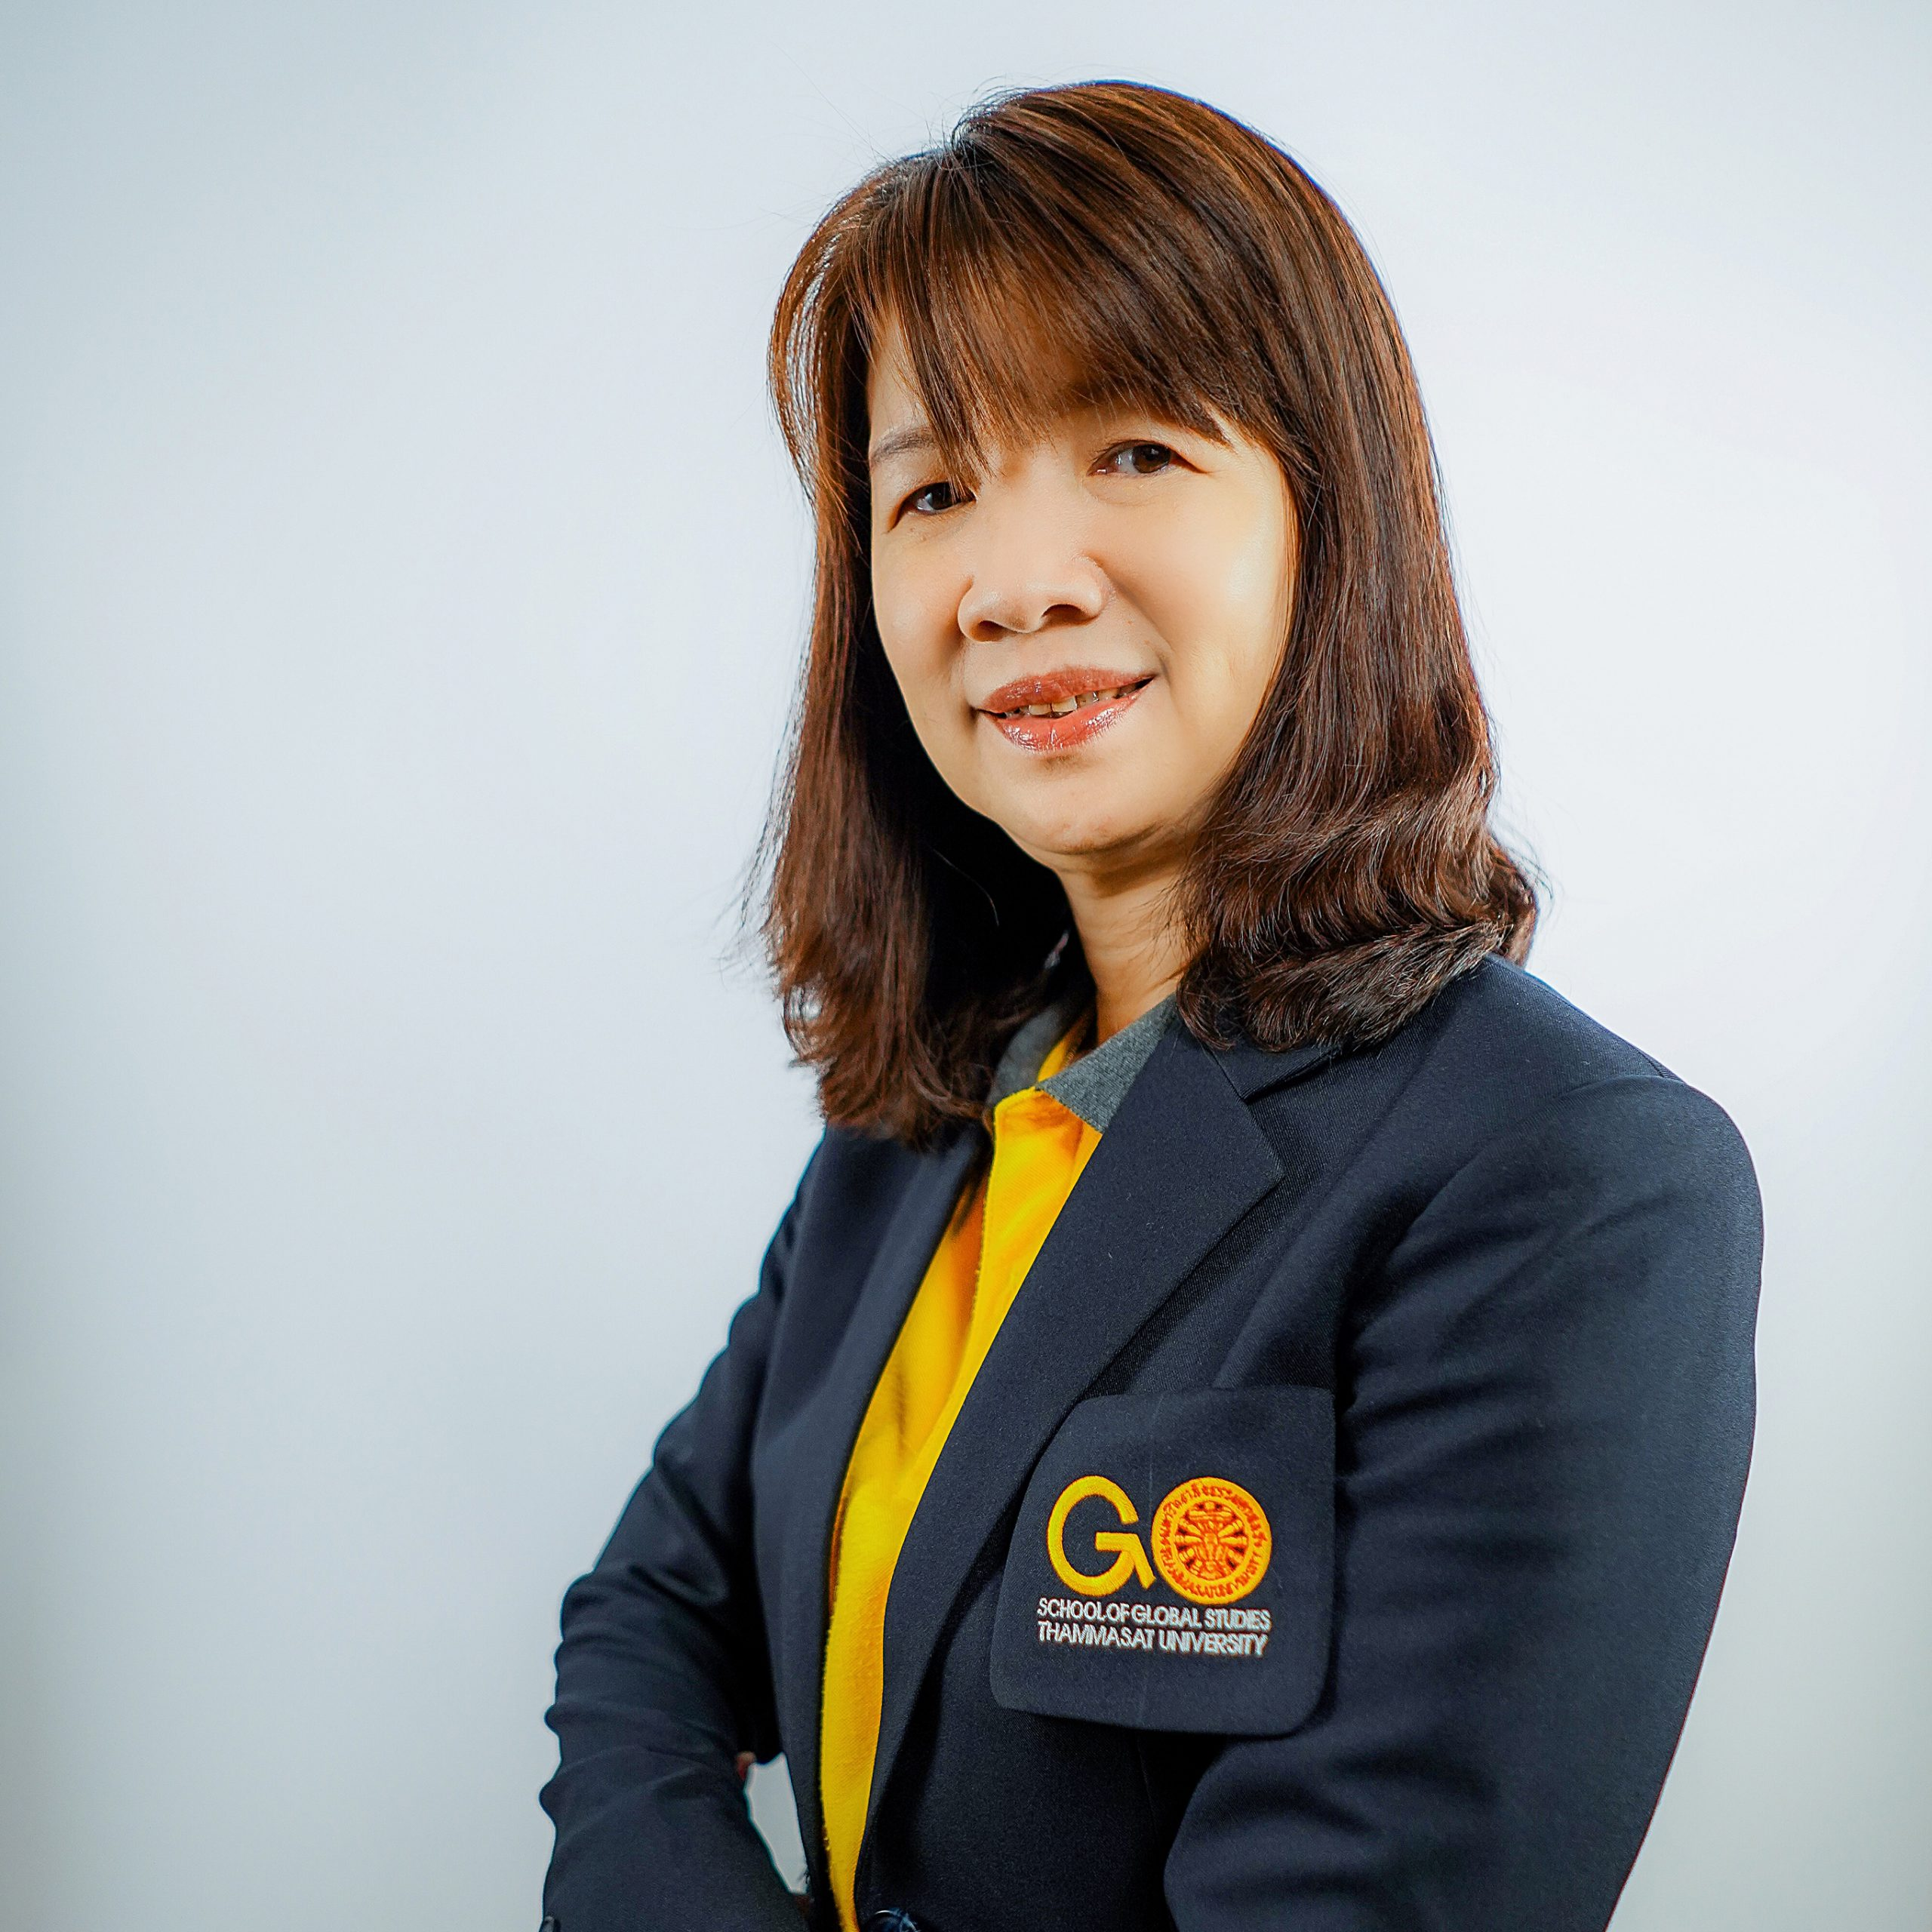 Sukanda Plungsuchon